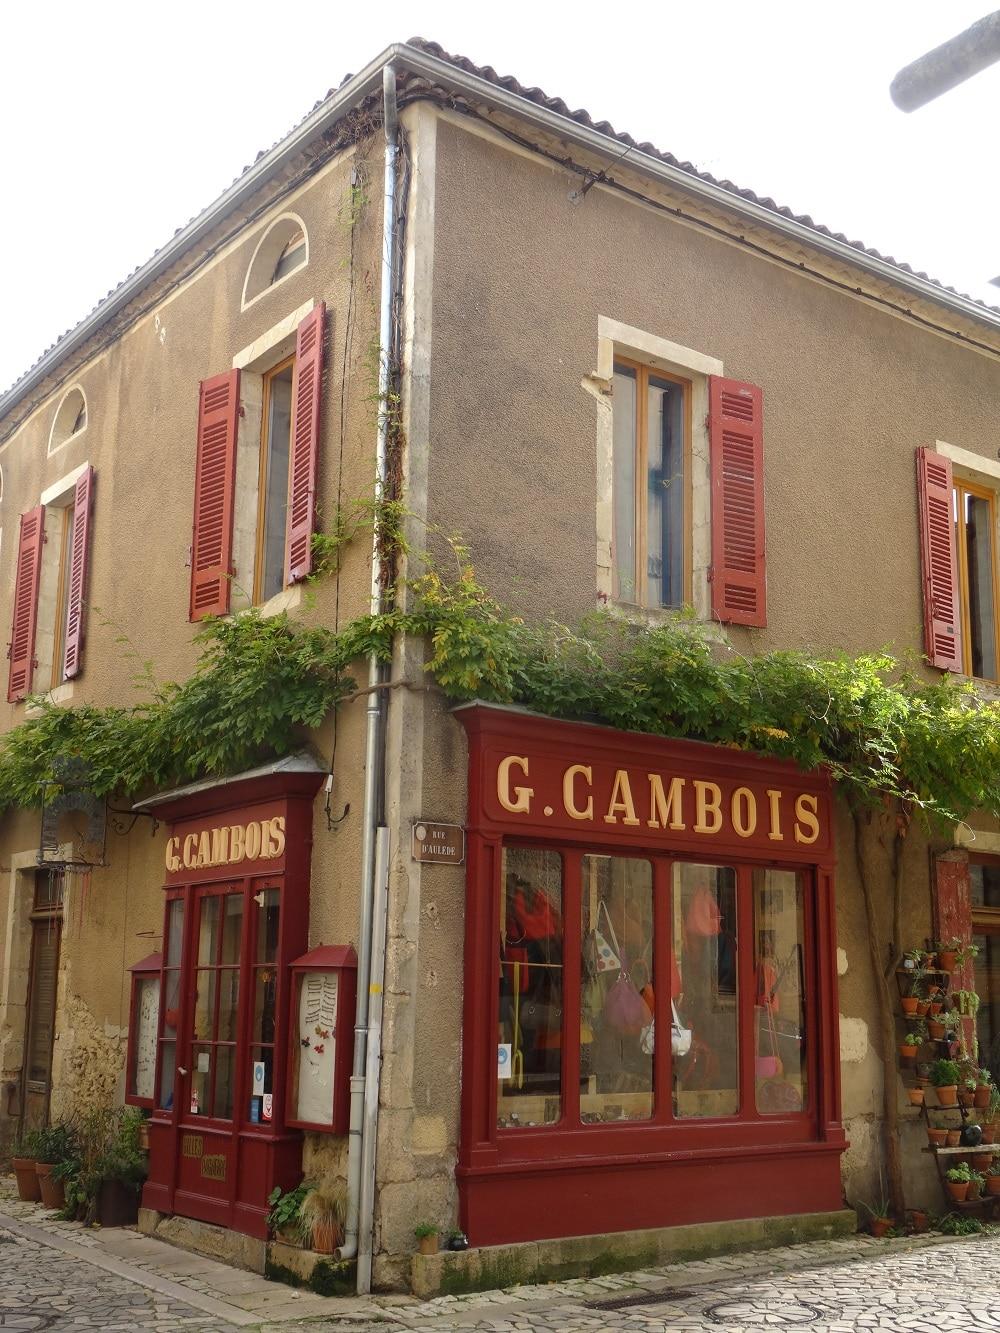 Ruelle du village médiéval de Saint-Macaire (Gironde, Entre-deux-Mers)